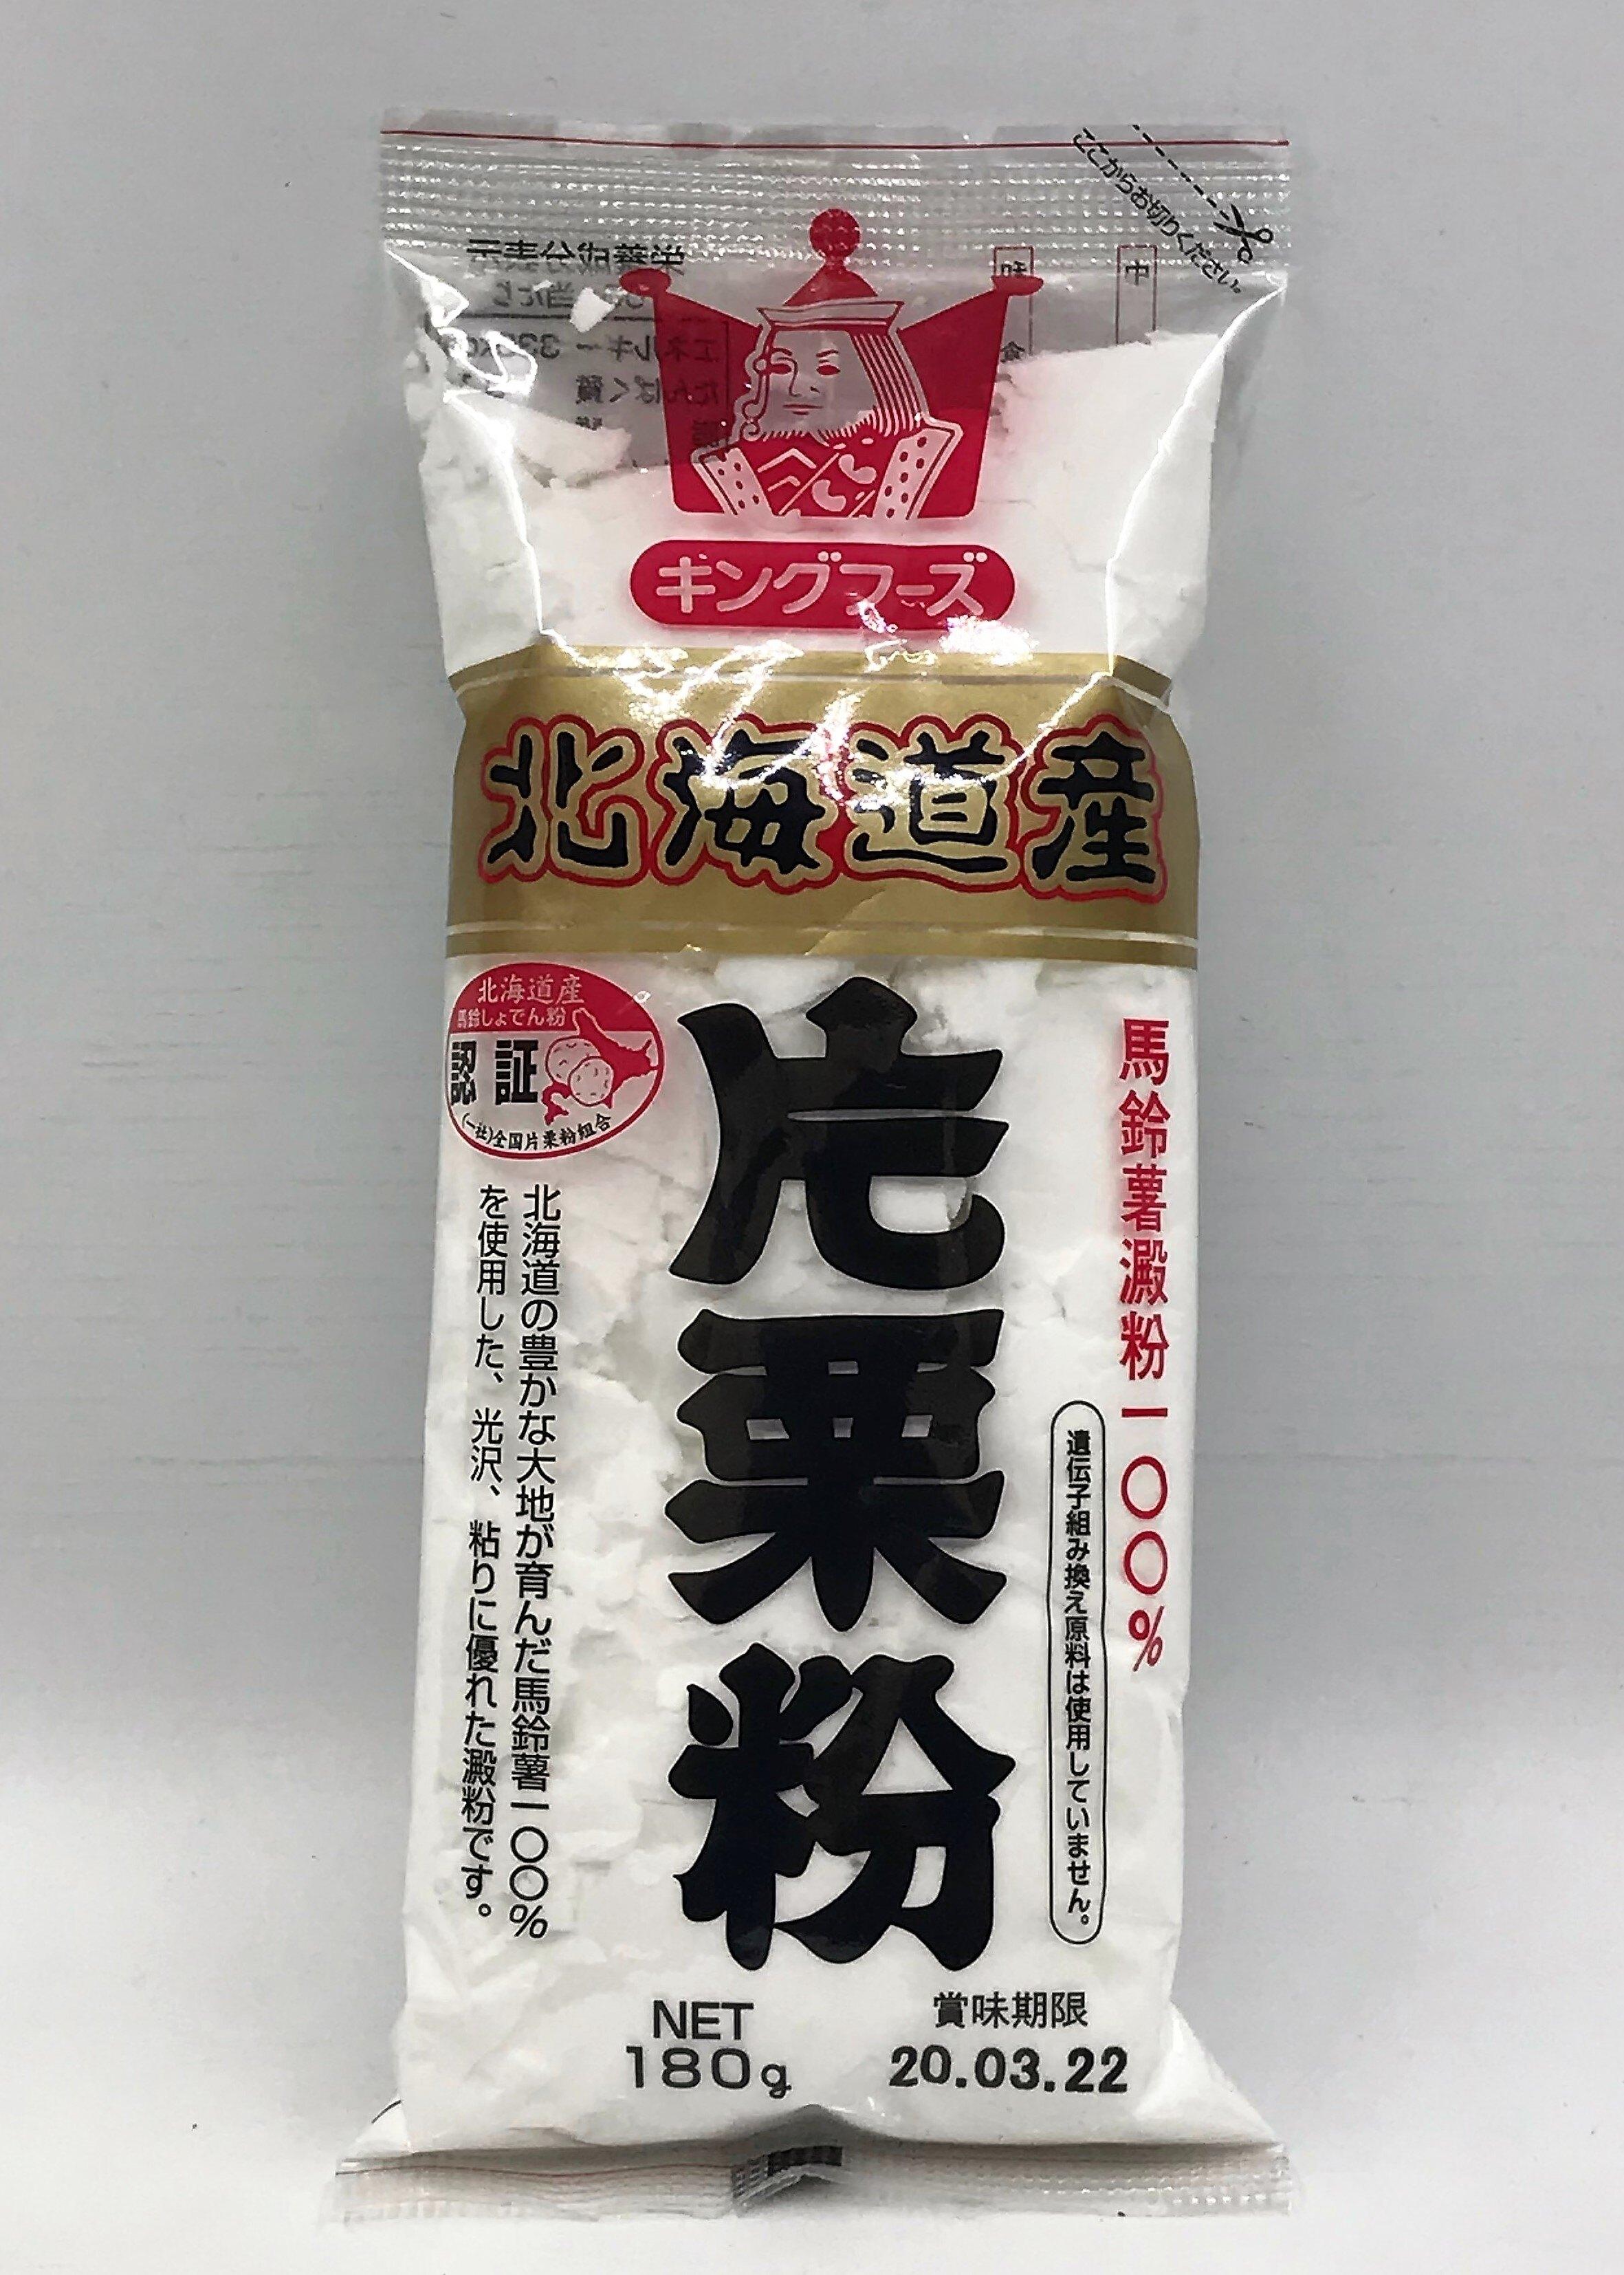 [哈日小丸子]片栗粉-馬鈴薯澱粉(180g)